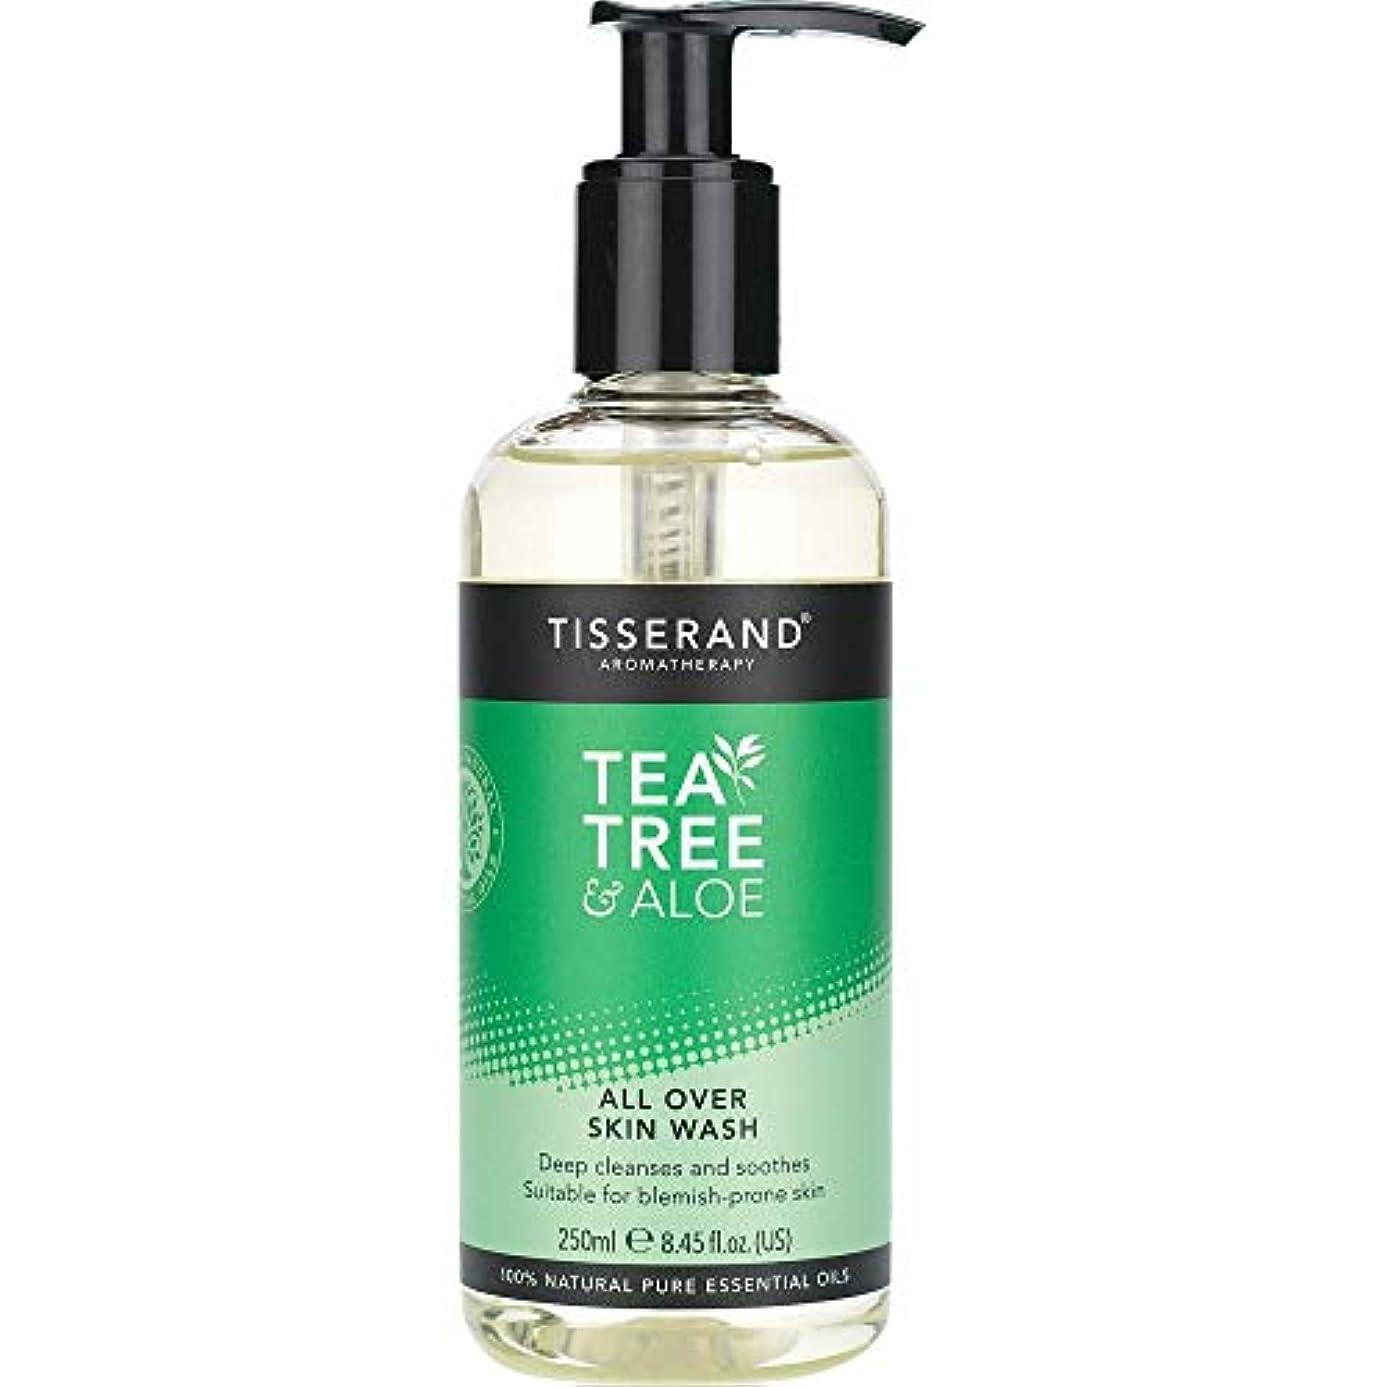 トロリー無力案件[Tisserand] すべての肌ウォッシュ250ミリリットルを超えるティスランドティーツリー&アロエ - Tisserand Tea Tree & Aloe All Over Skin Wash 250ml [並行輸入品]